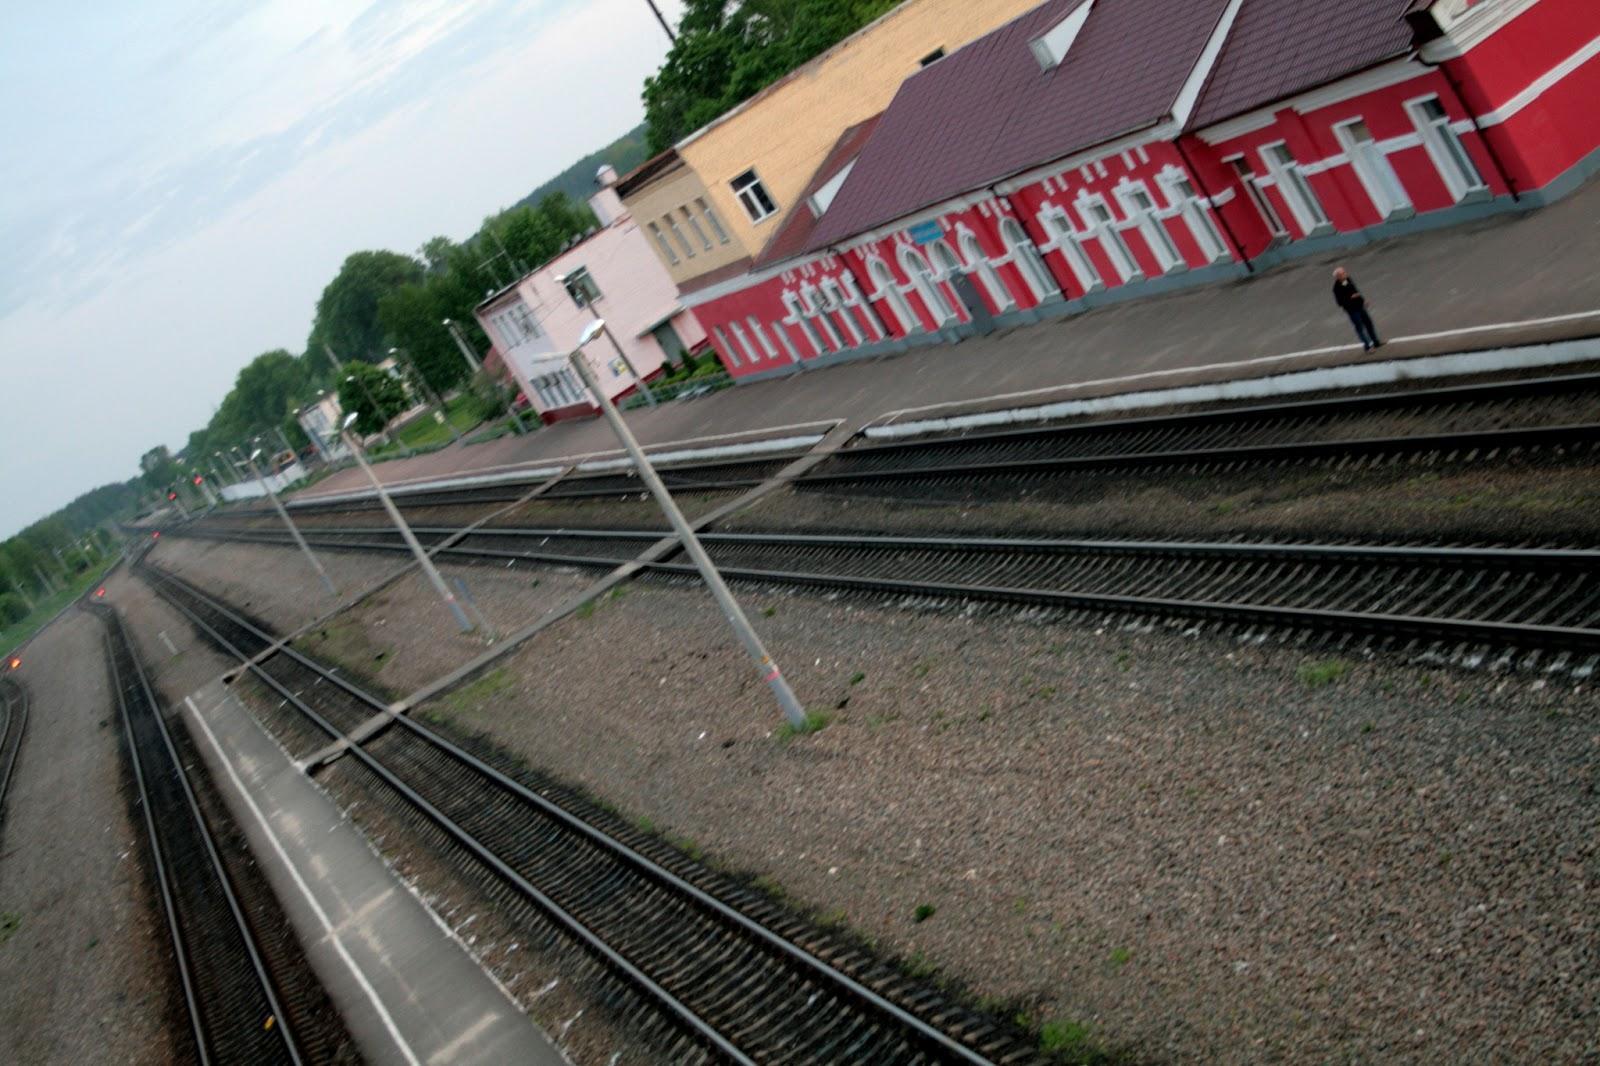 Cabina Armadio Piccola Wuppertal : Le russie di cernobyl: viaggio in russia maggio 2013 racconto